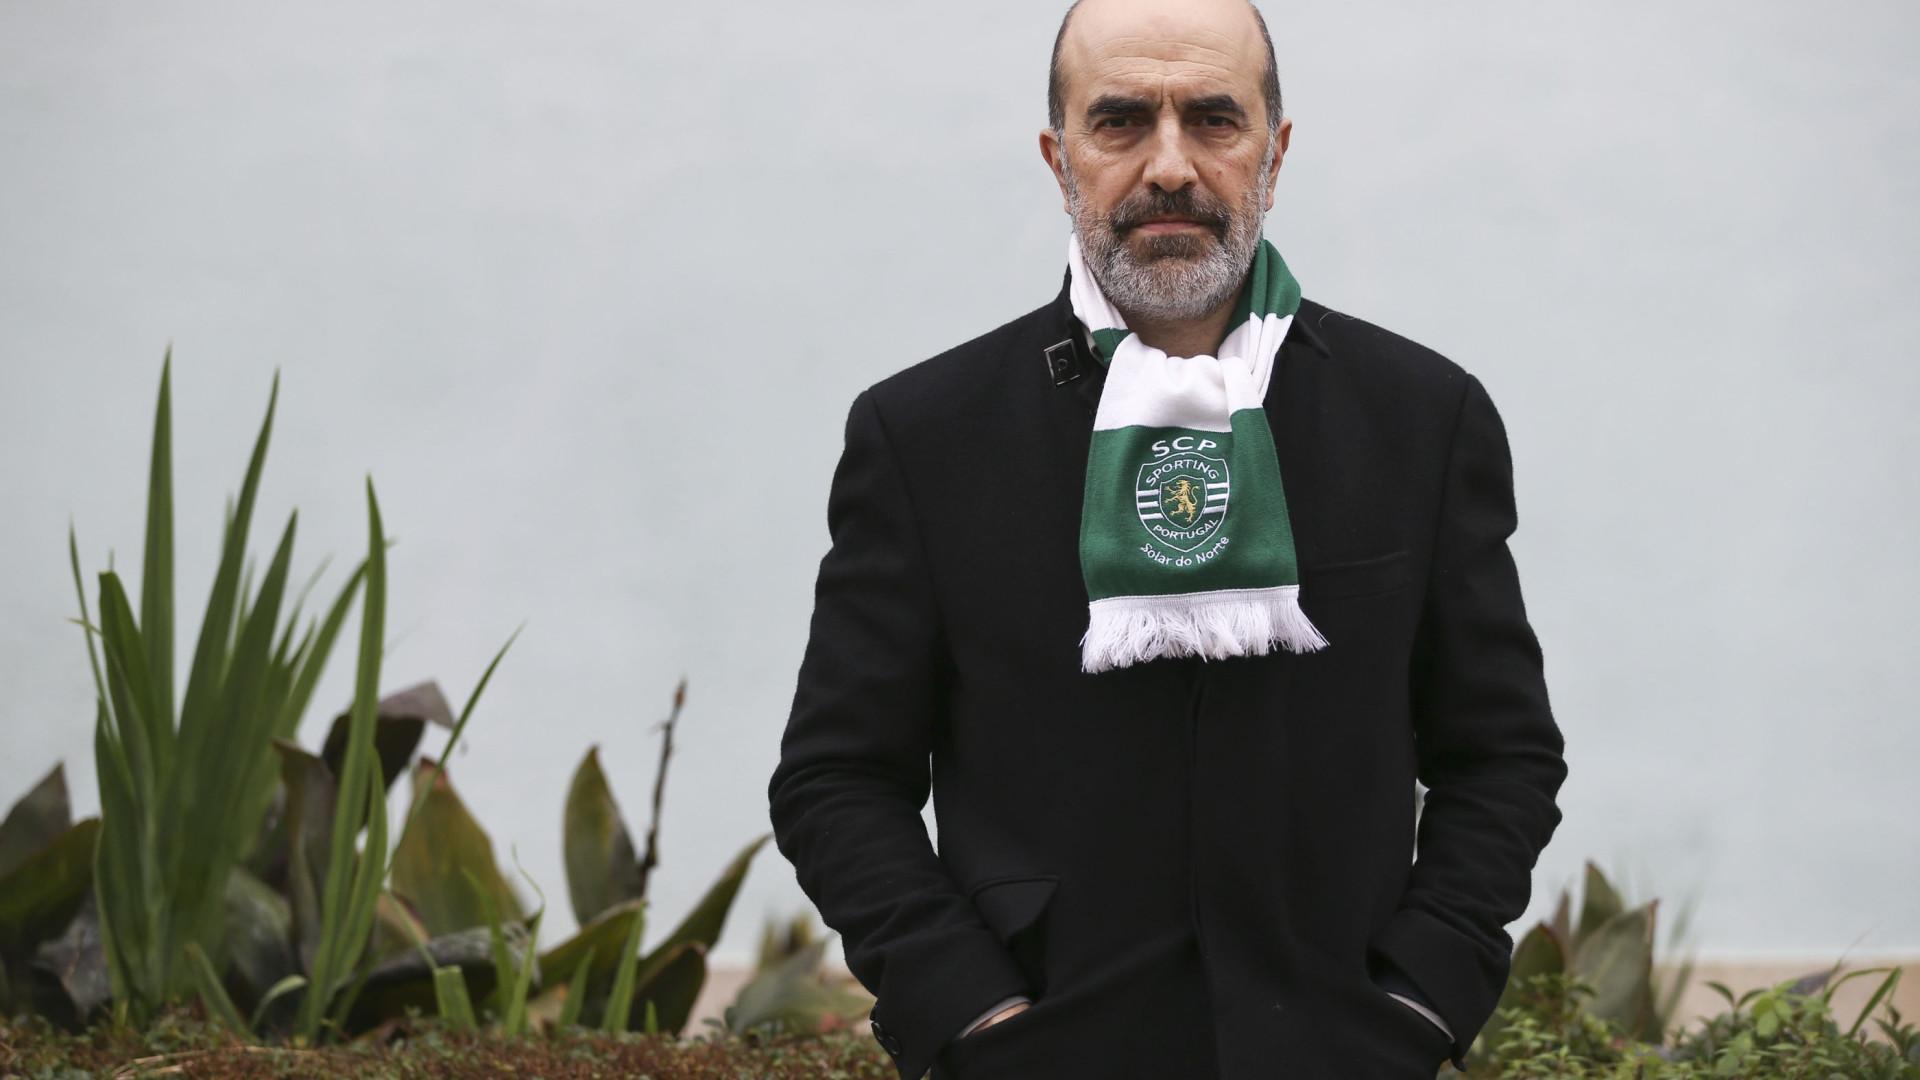 """José de Pina anuncia: """"Tomei a decisão de sair do programa Prolongamento"""""""